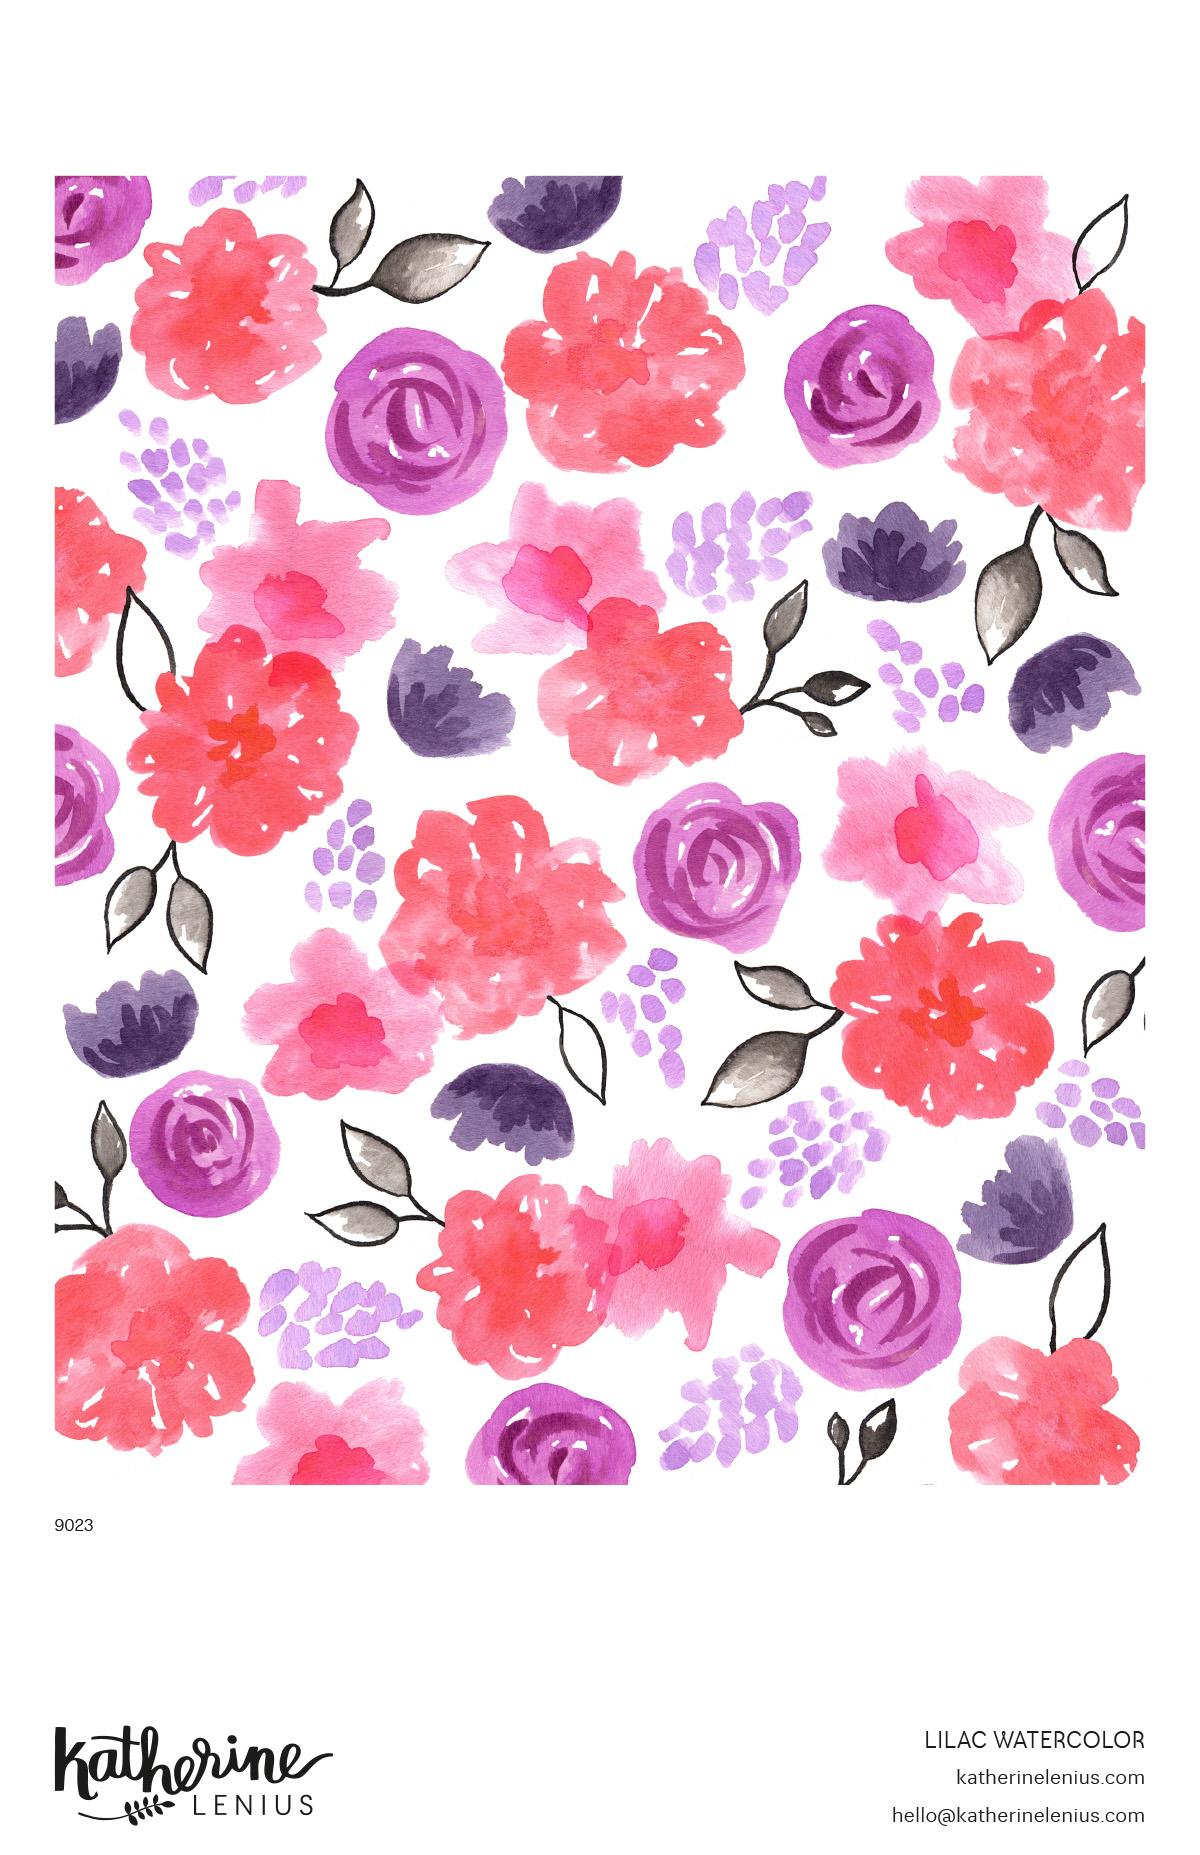 KL_9023_Lilac Watercolor copy.jpg